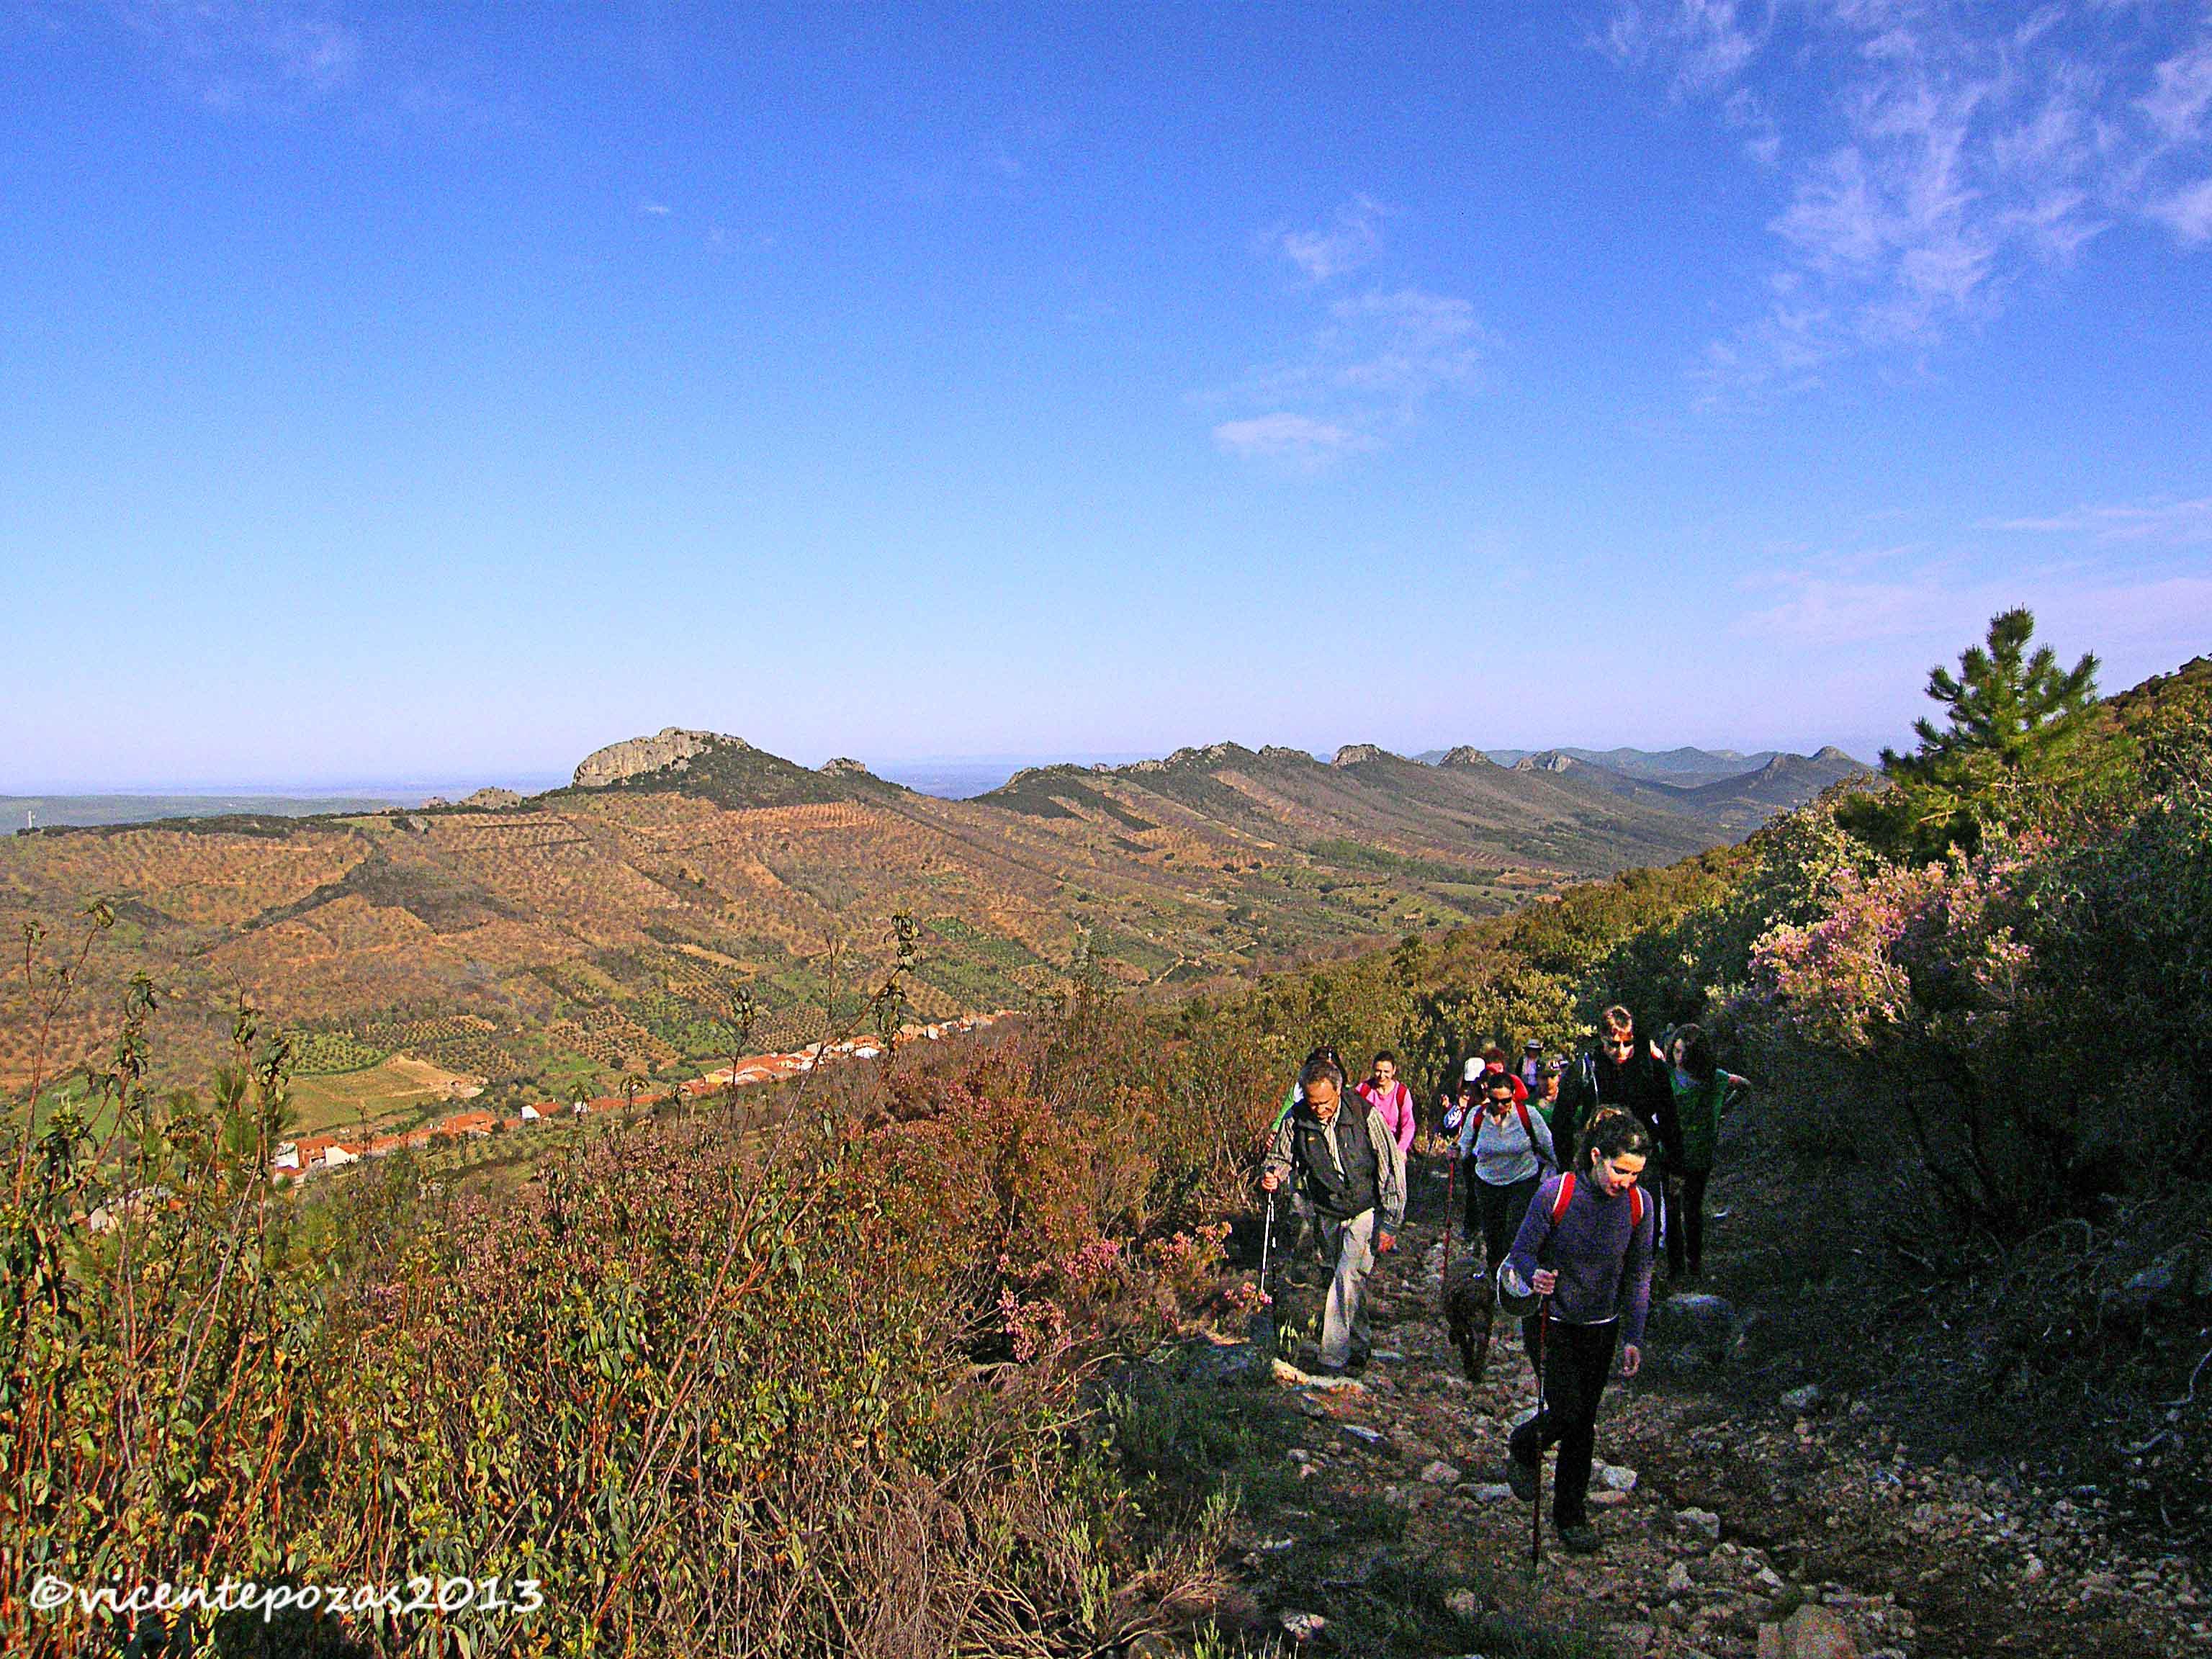 En el corazón del Geoparque Mundial UNESCO Villuercas Ibores Jara. Ruta senderista de Alfonso Onceno